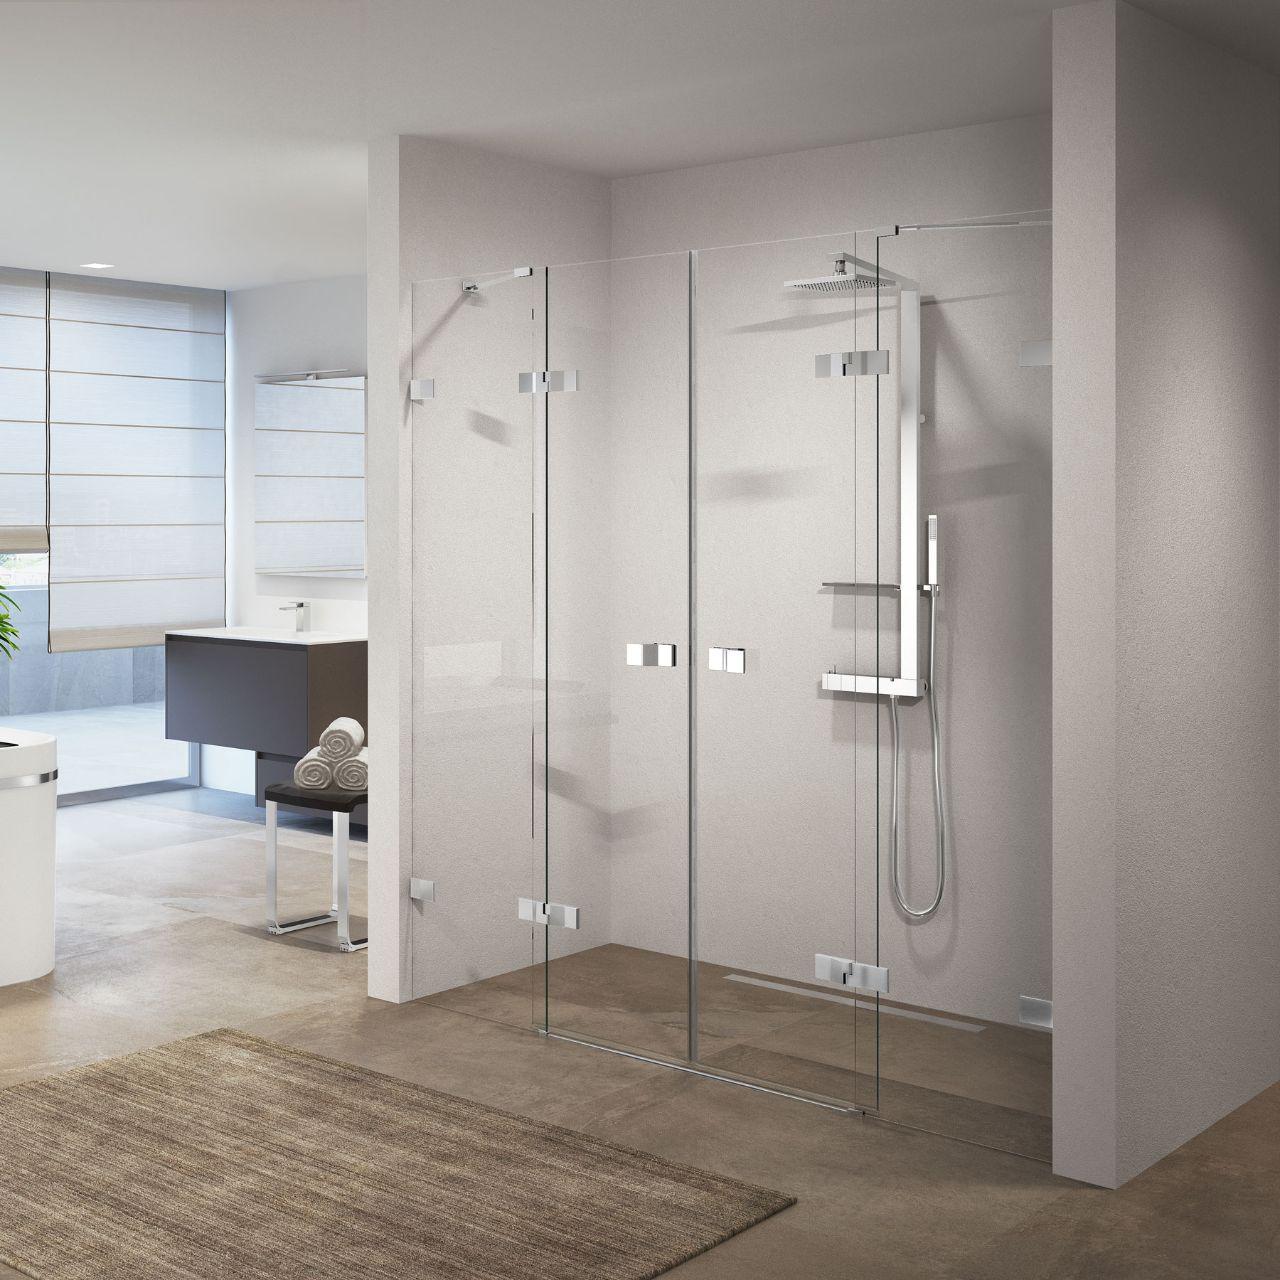 Cabinas de ducha gala - Cabinas de ducha ...